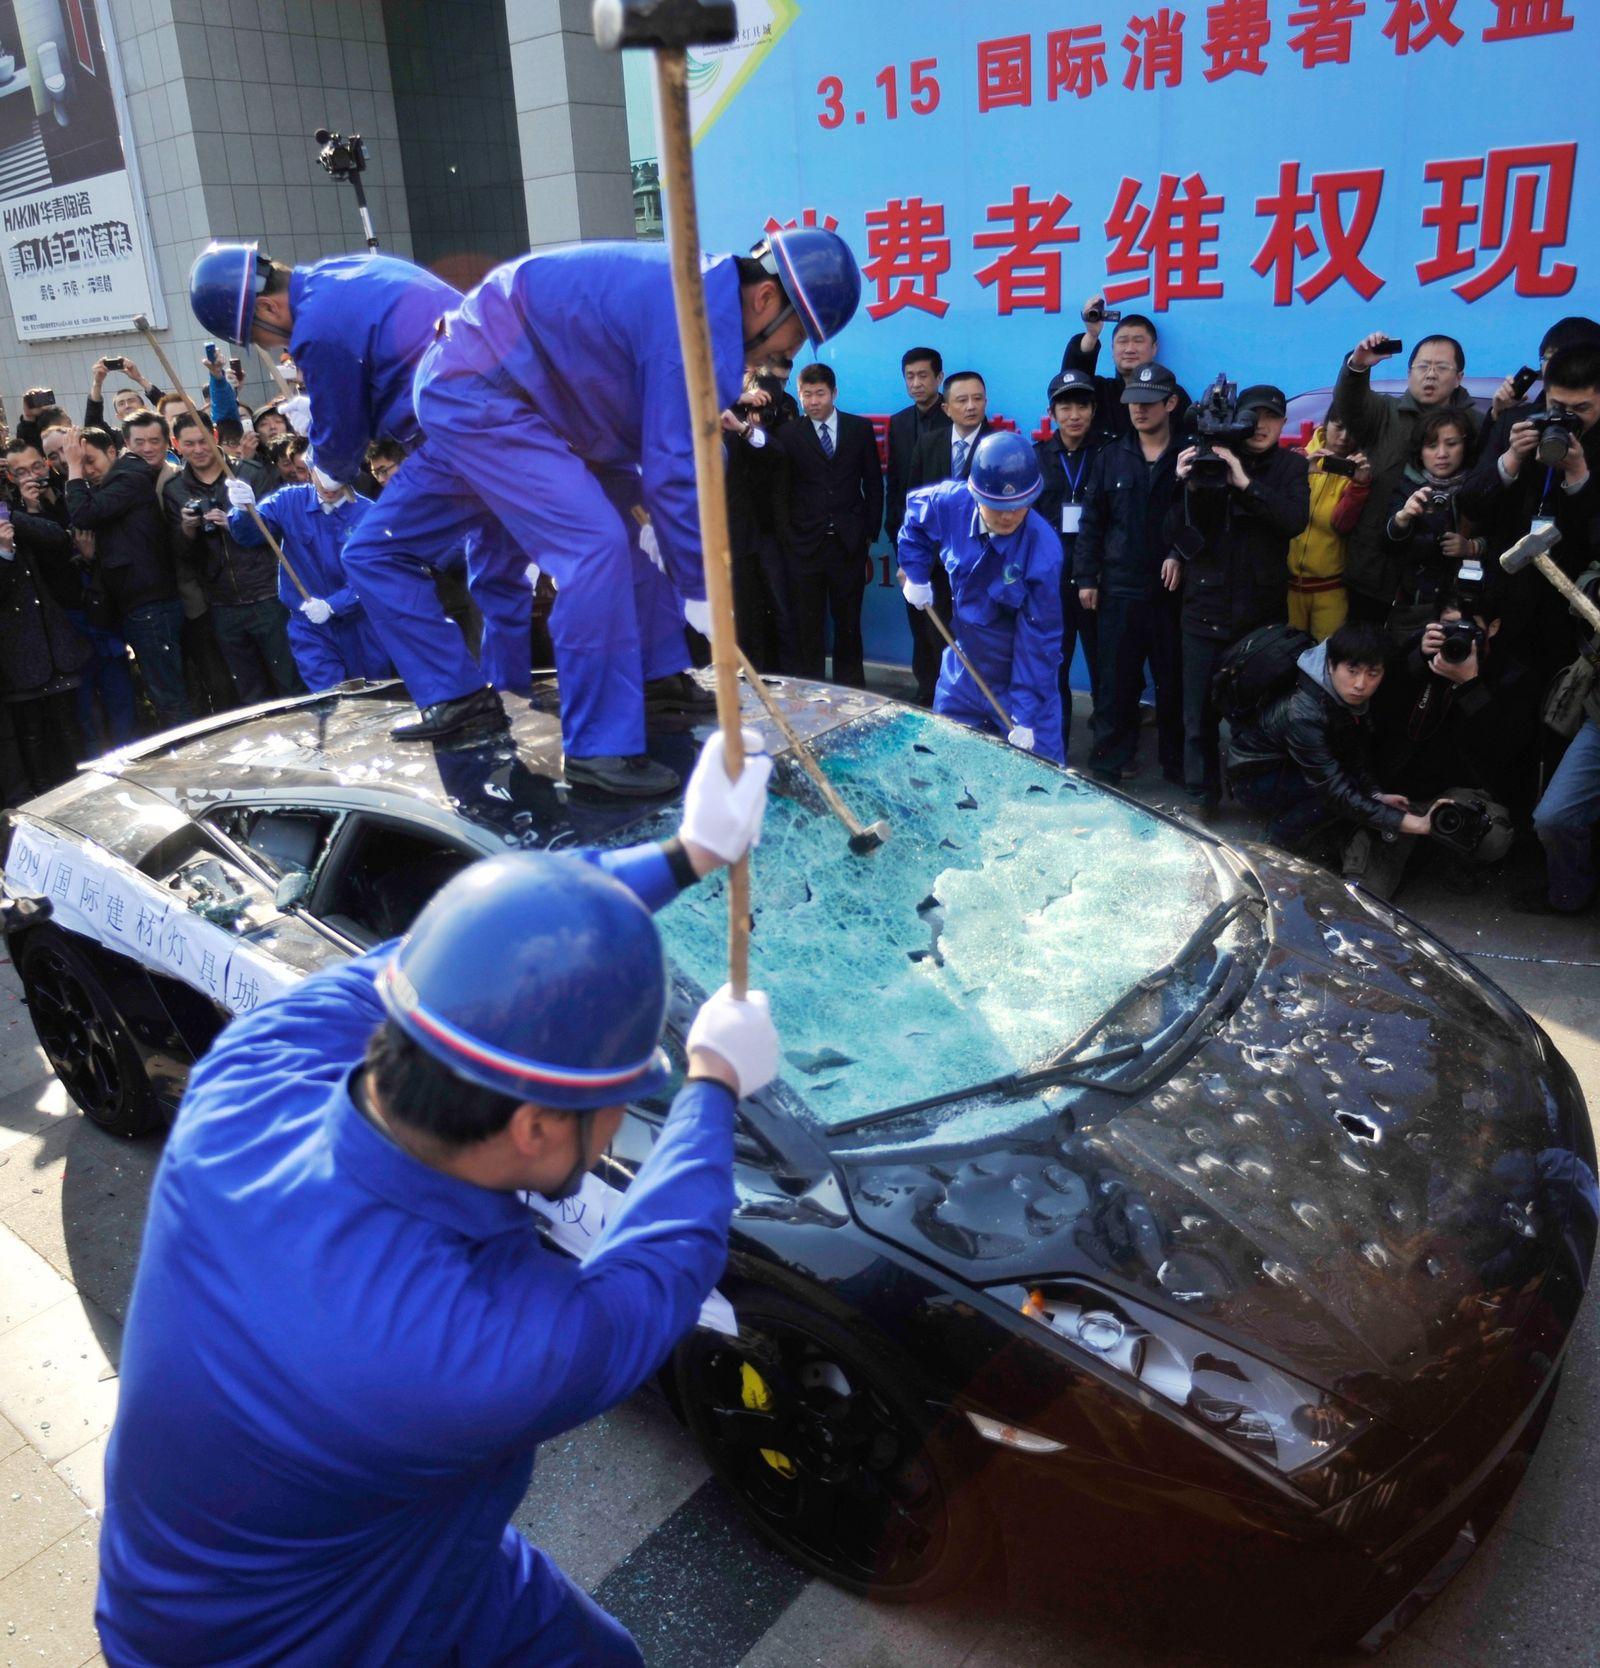 Lamborghini wird zerstört / China